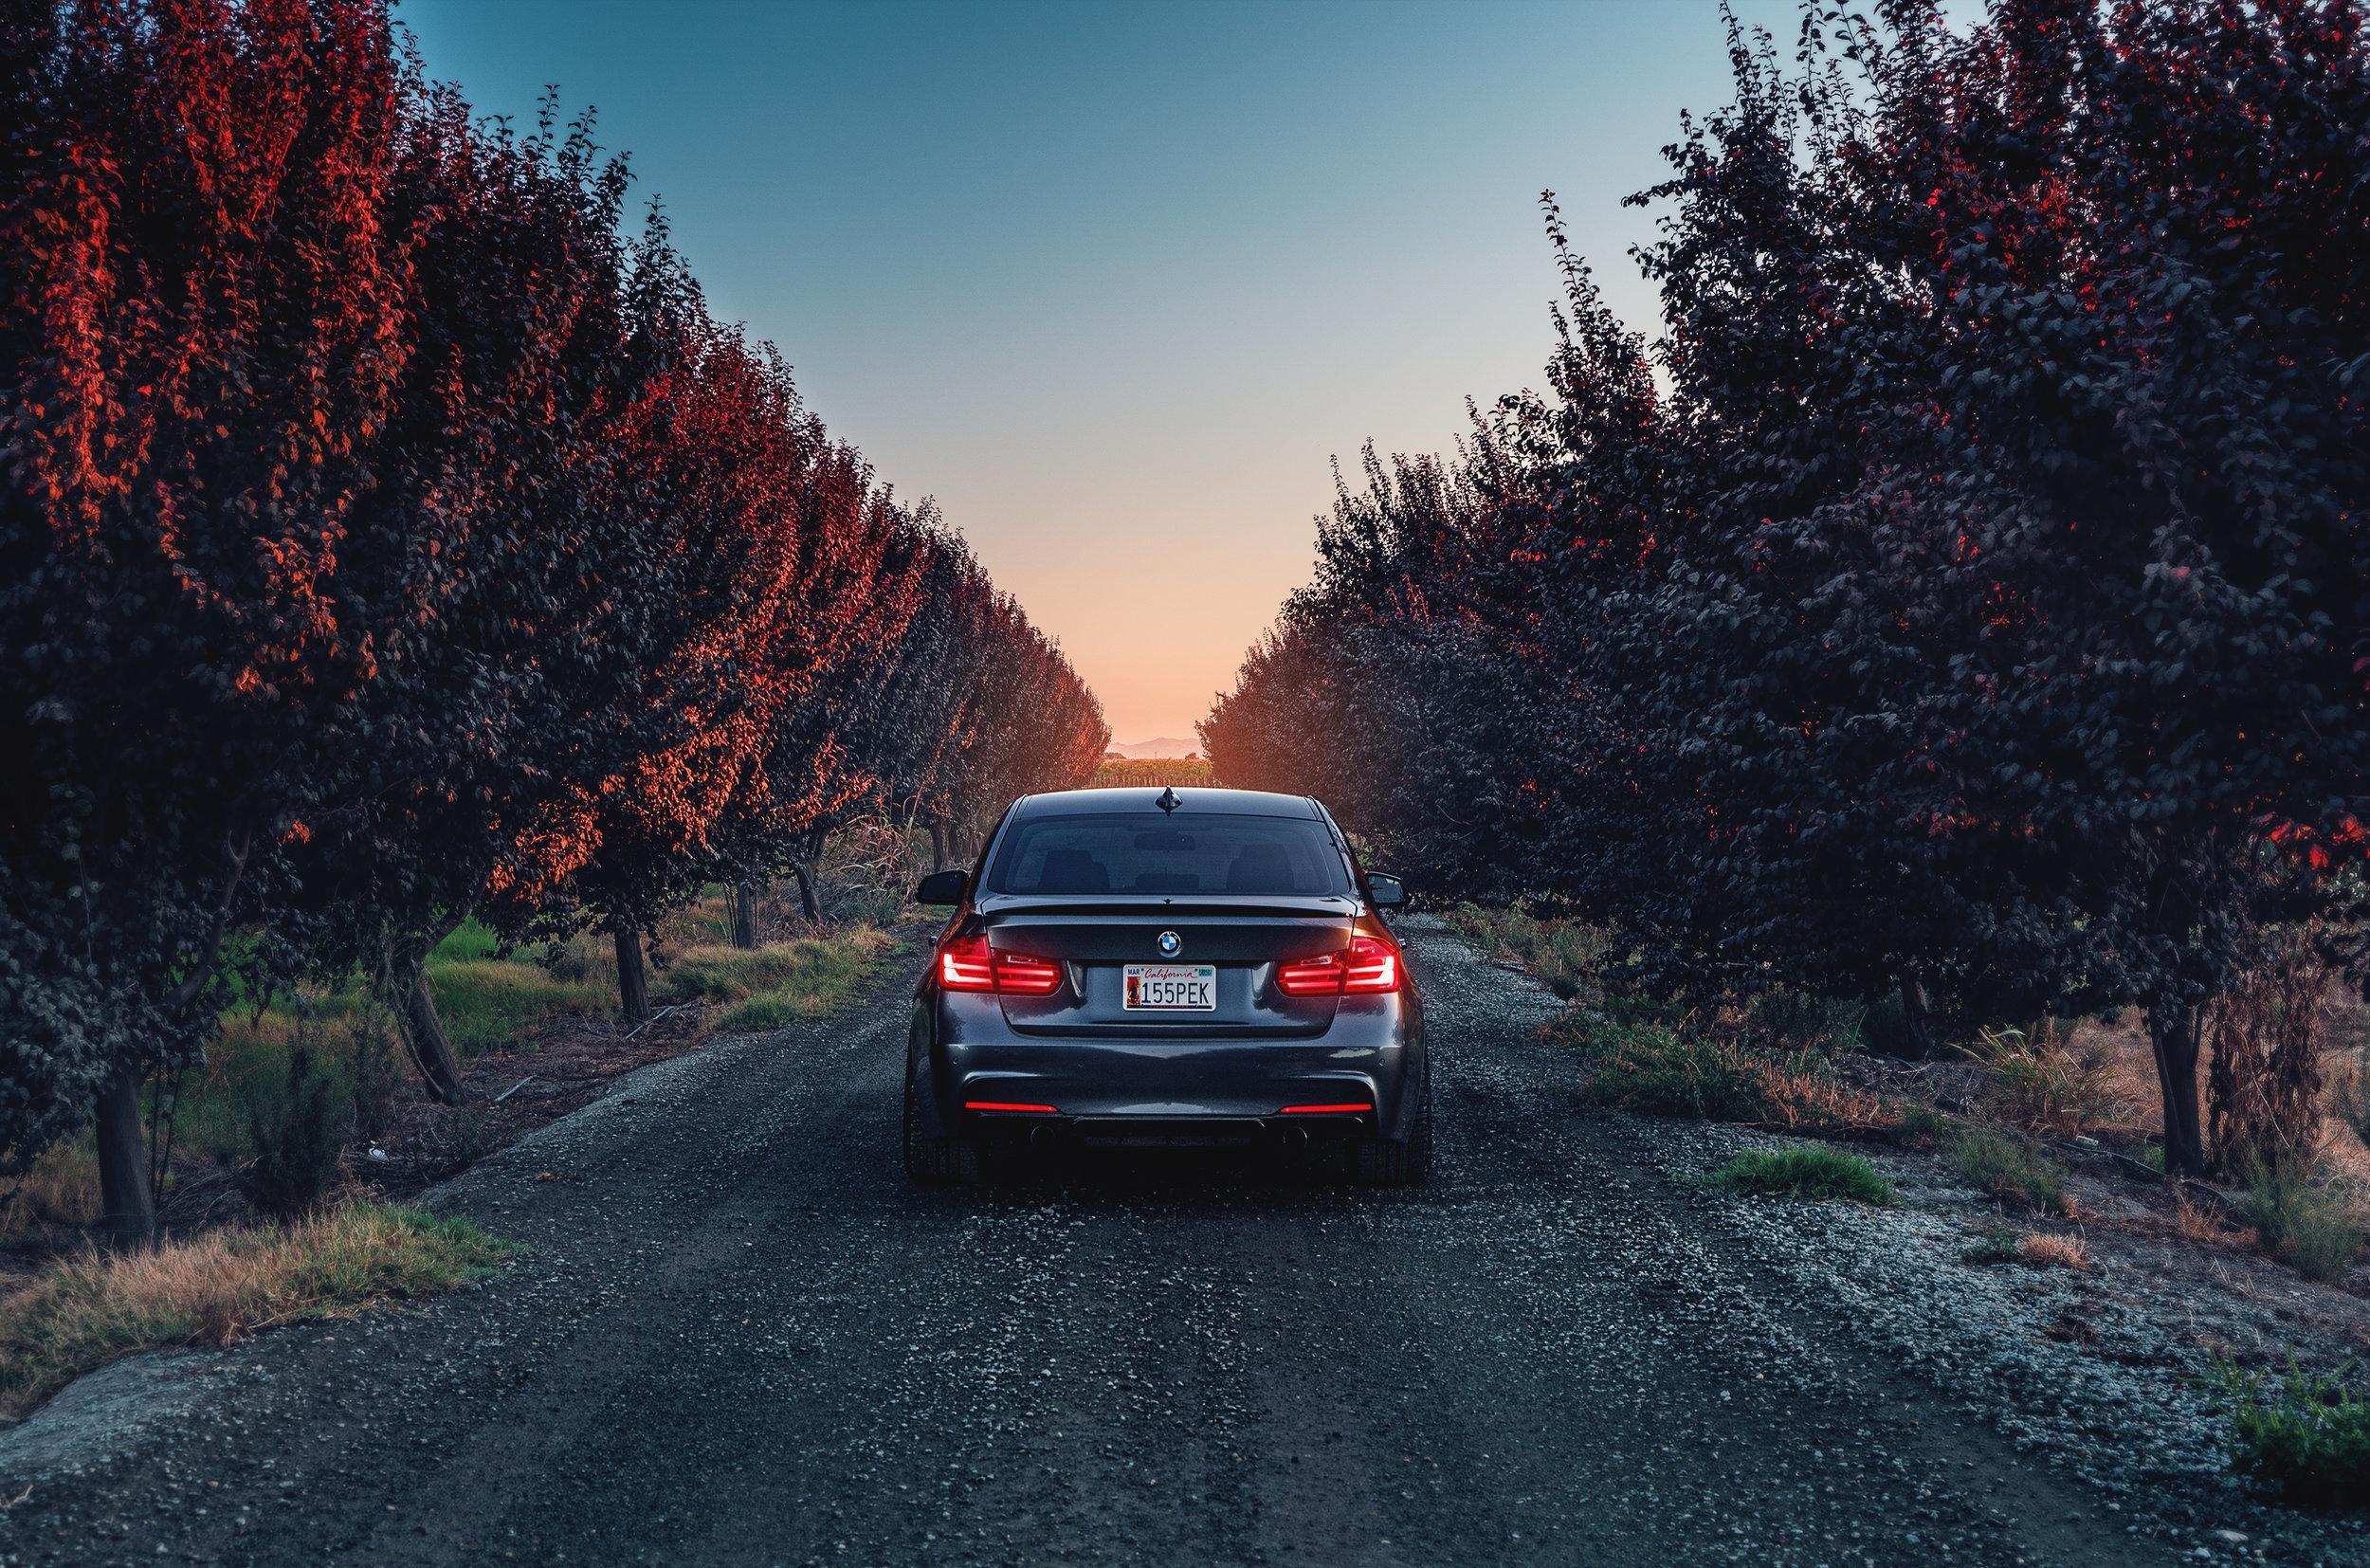 Wallpaper : sunset, car, BMW, vehicle